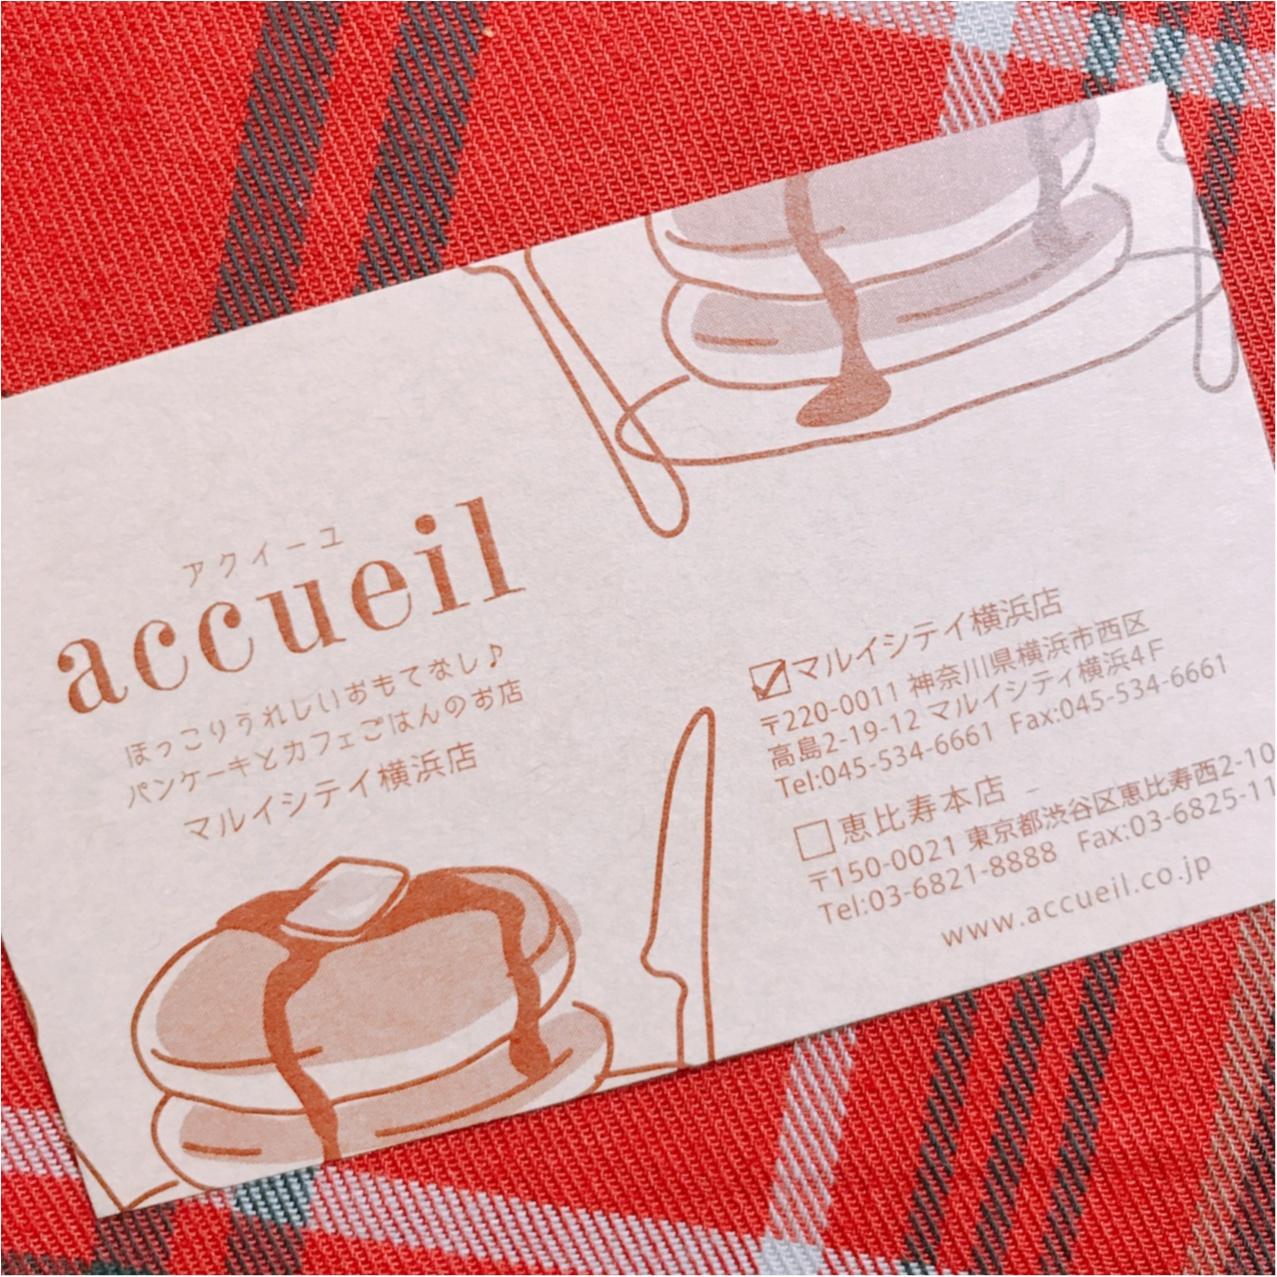 Xmas女子会におすすめ♡【cafe accueil】のフォトジェニックなクリスマスツリーパンケーキ!_1